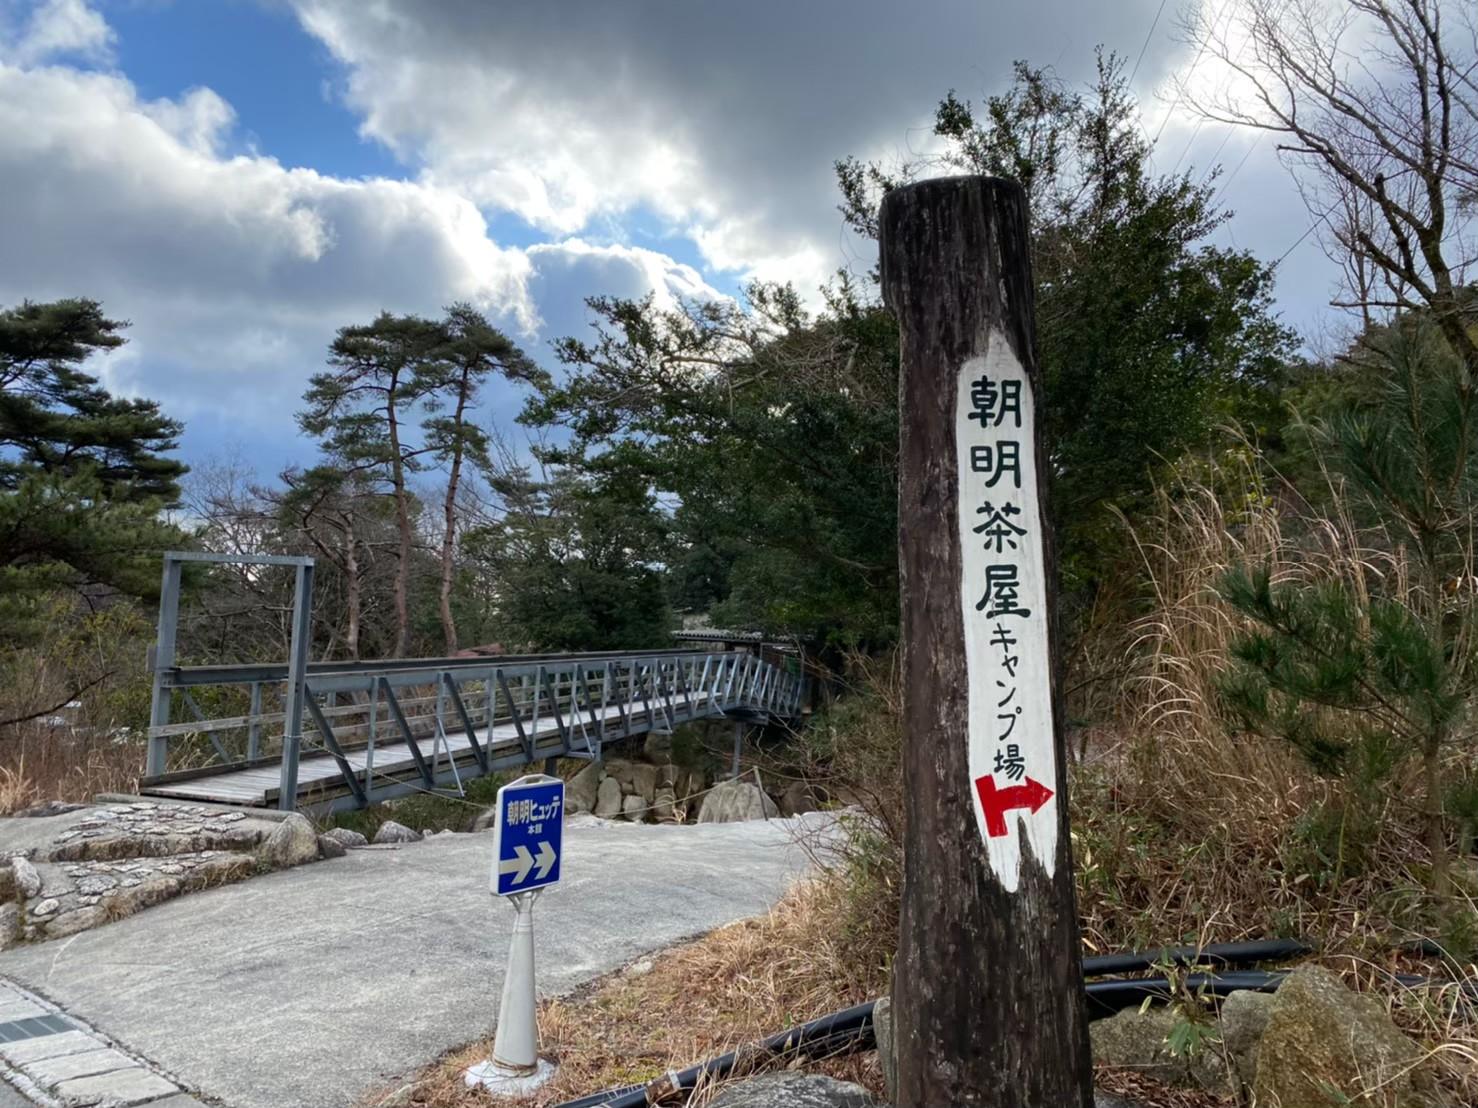 【三重県】名古屋近郊の穴場コテージ!『朝明茶屋キャンプ場』情報まとめ